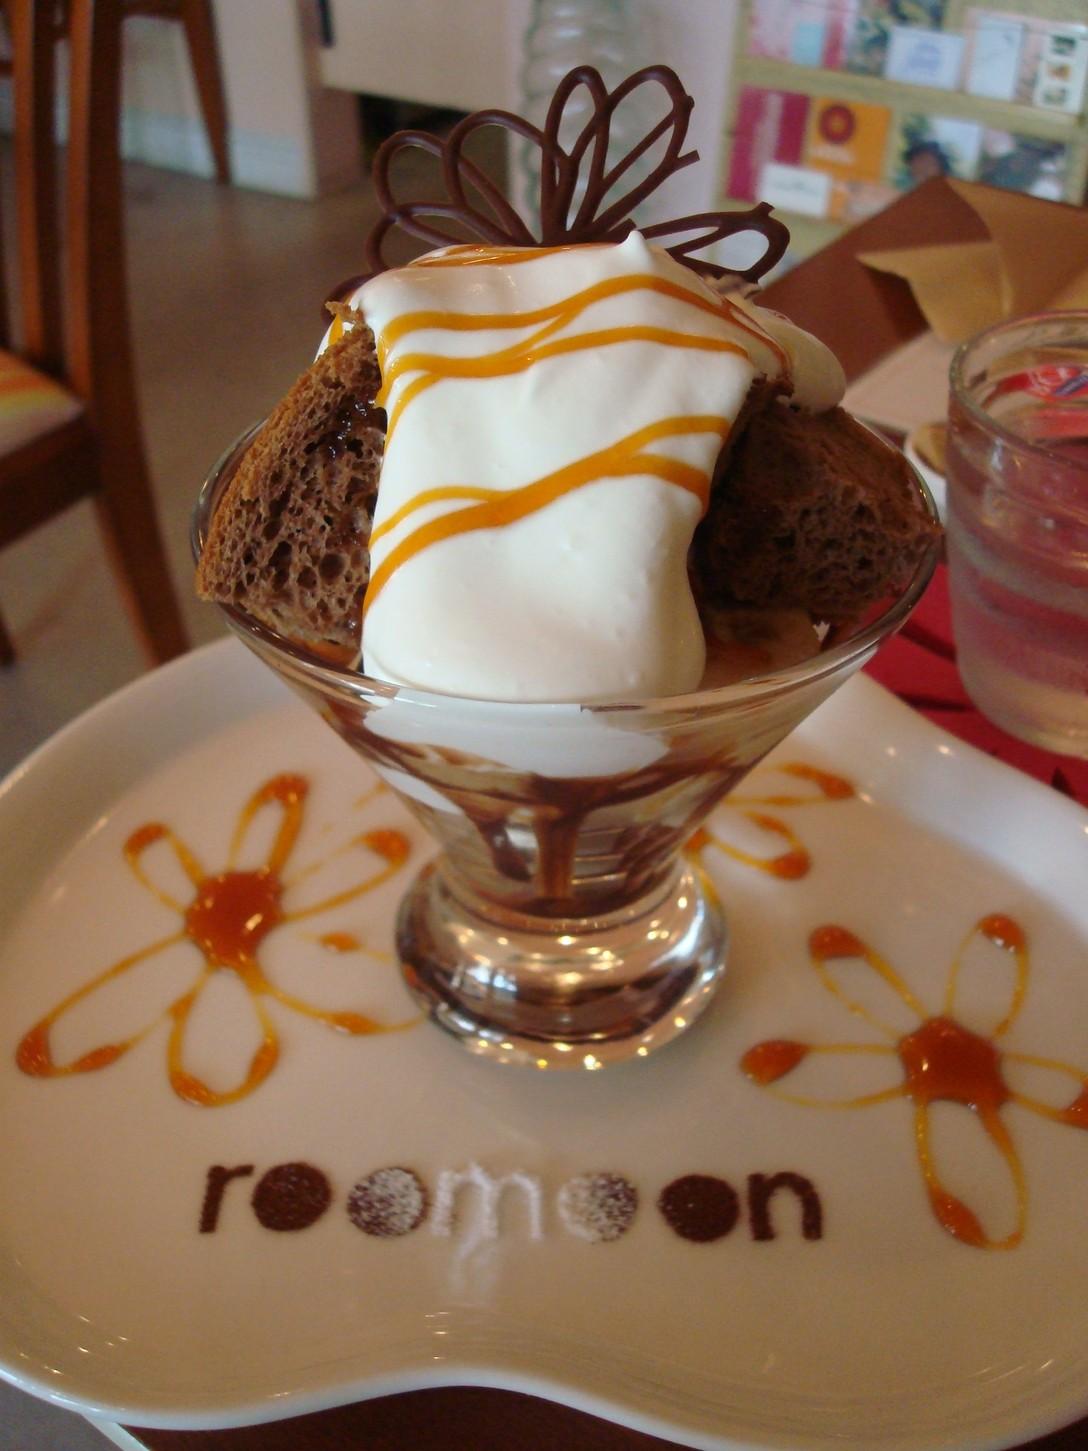 roomoon cafe